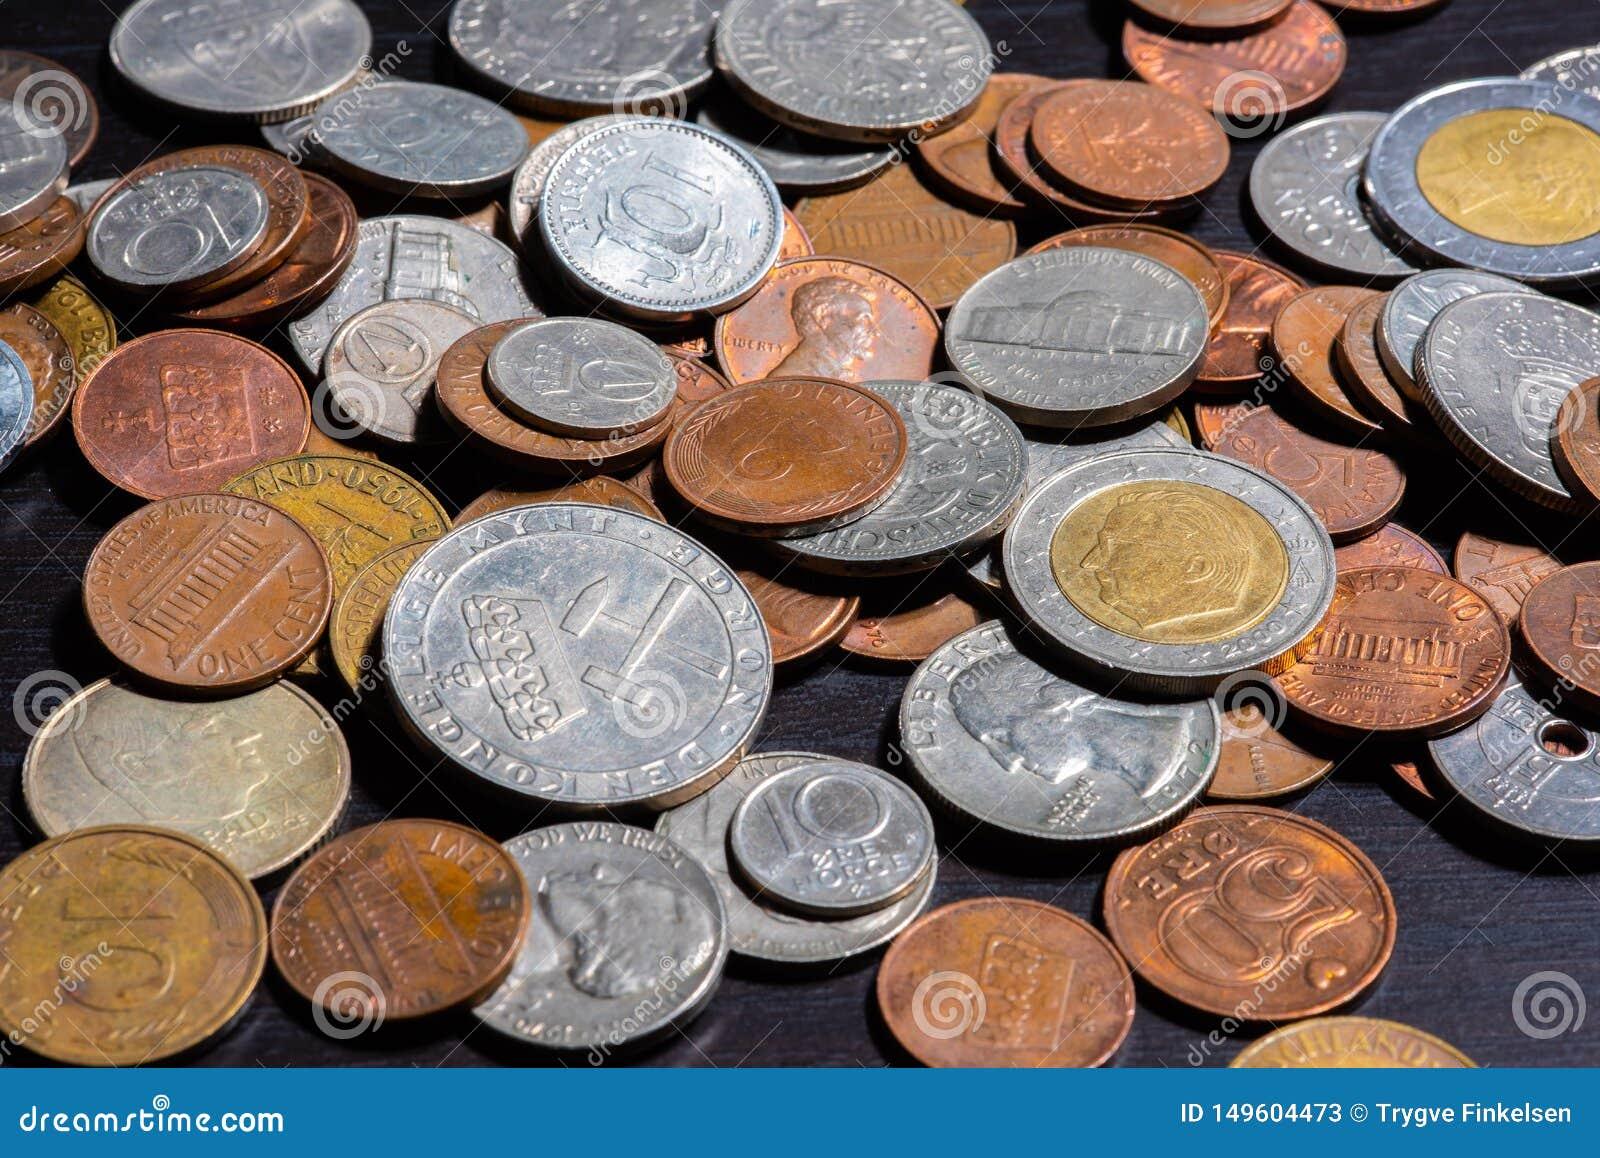 Olika sorter av mynt p? en svart tabell